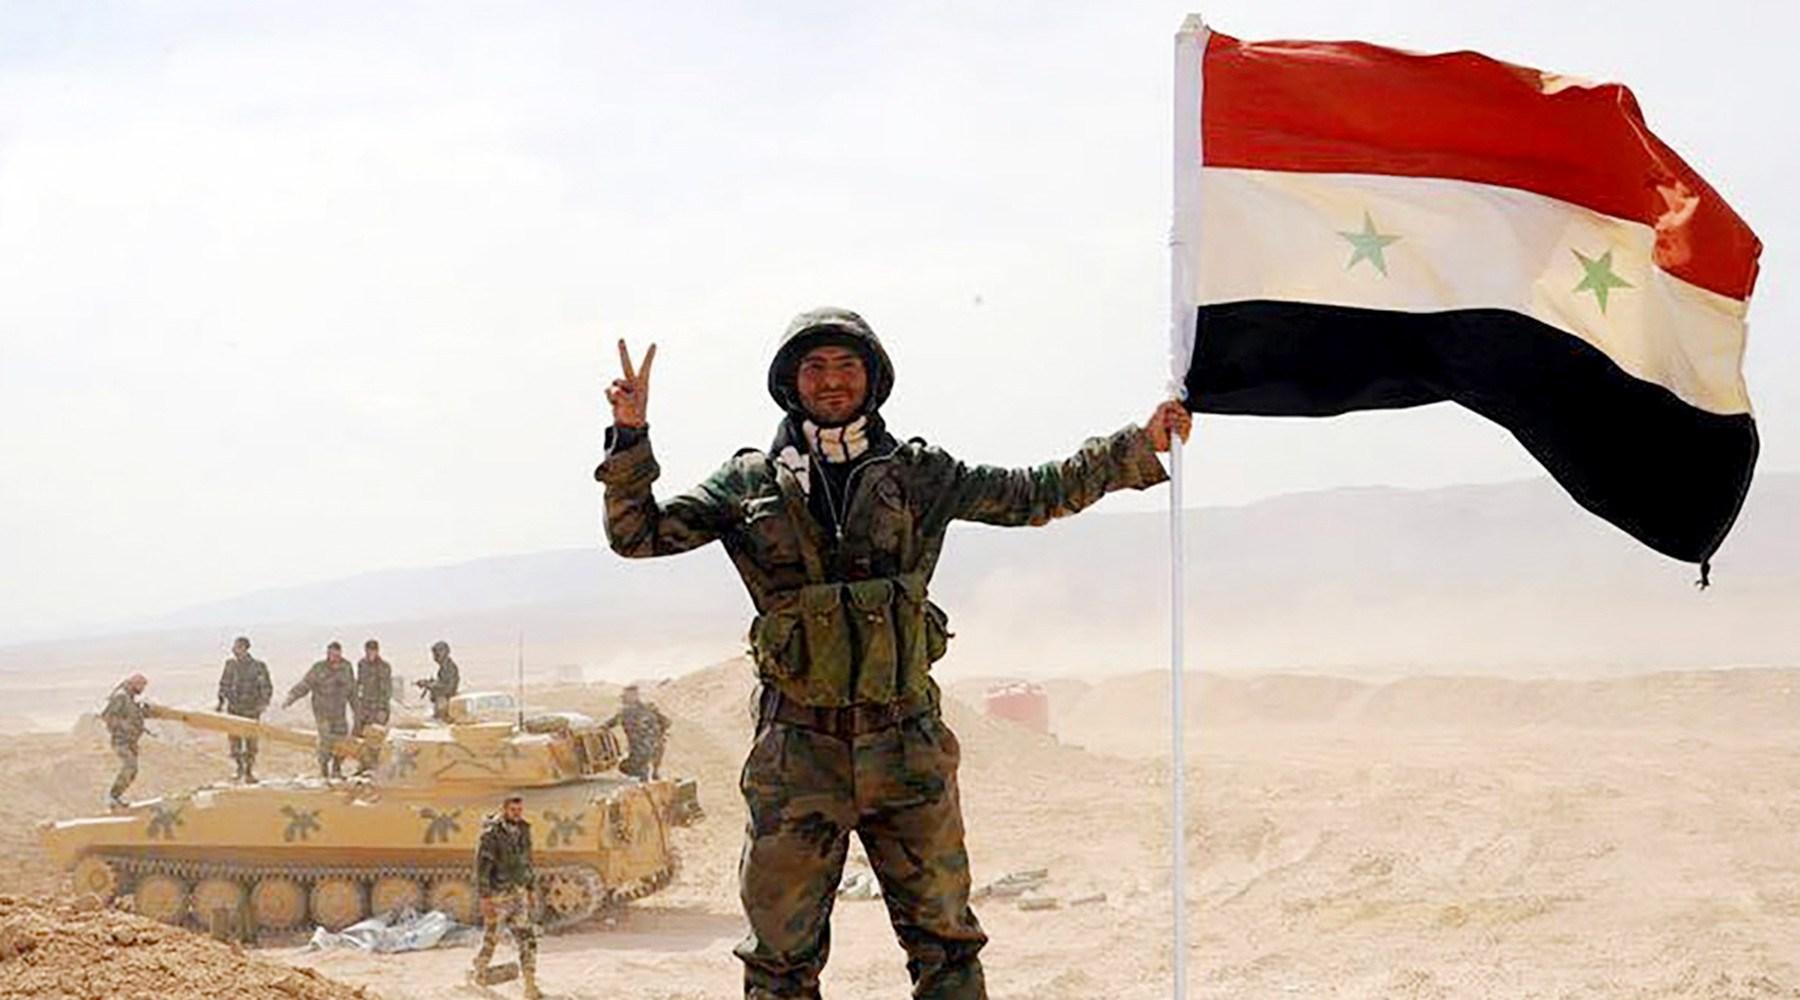 آغاز بزرگترین حمله نیروهای روس به داعش در جنوب دمشق